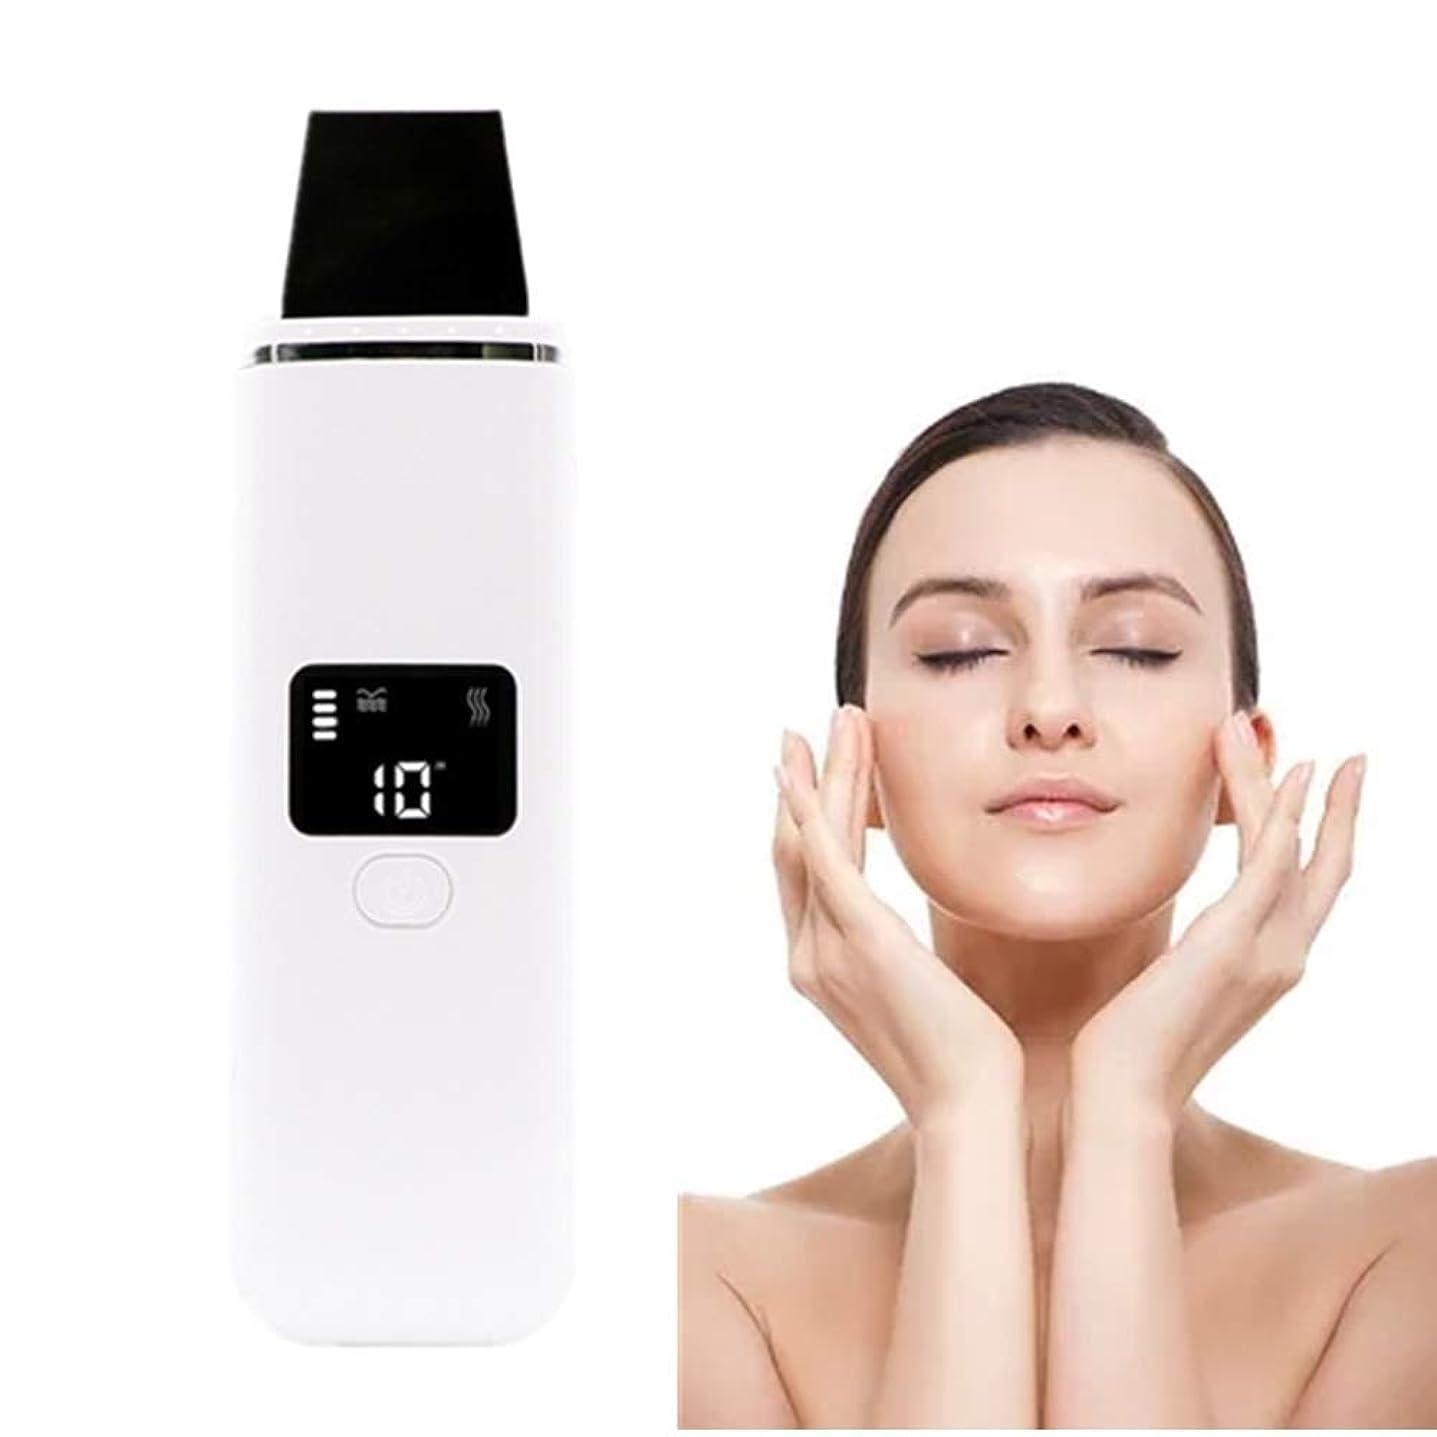 奨励します木製秘密のピーリングリフティングEMSクレンジングピーリングスキンヘラジェントルケアピーリングしわ除去機と顔の皮膚のスクラバーブラックヘッドリムーバー毛穴の掃除機のUSB充電式デバイス